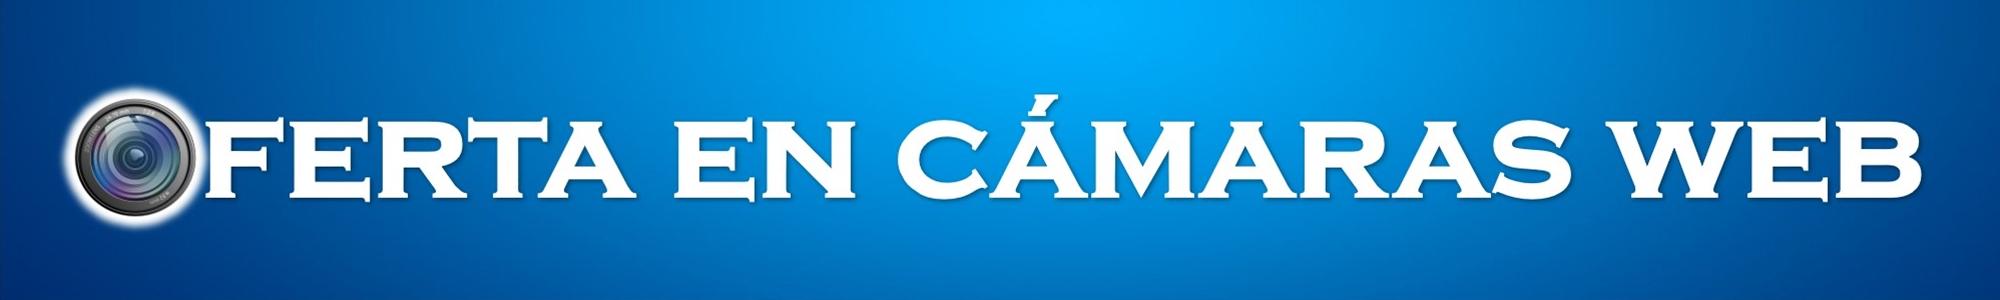 Oferta en cámaras web